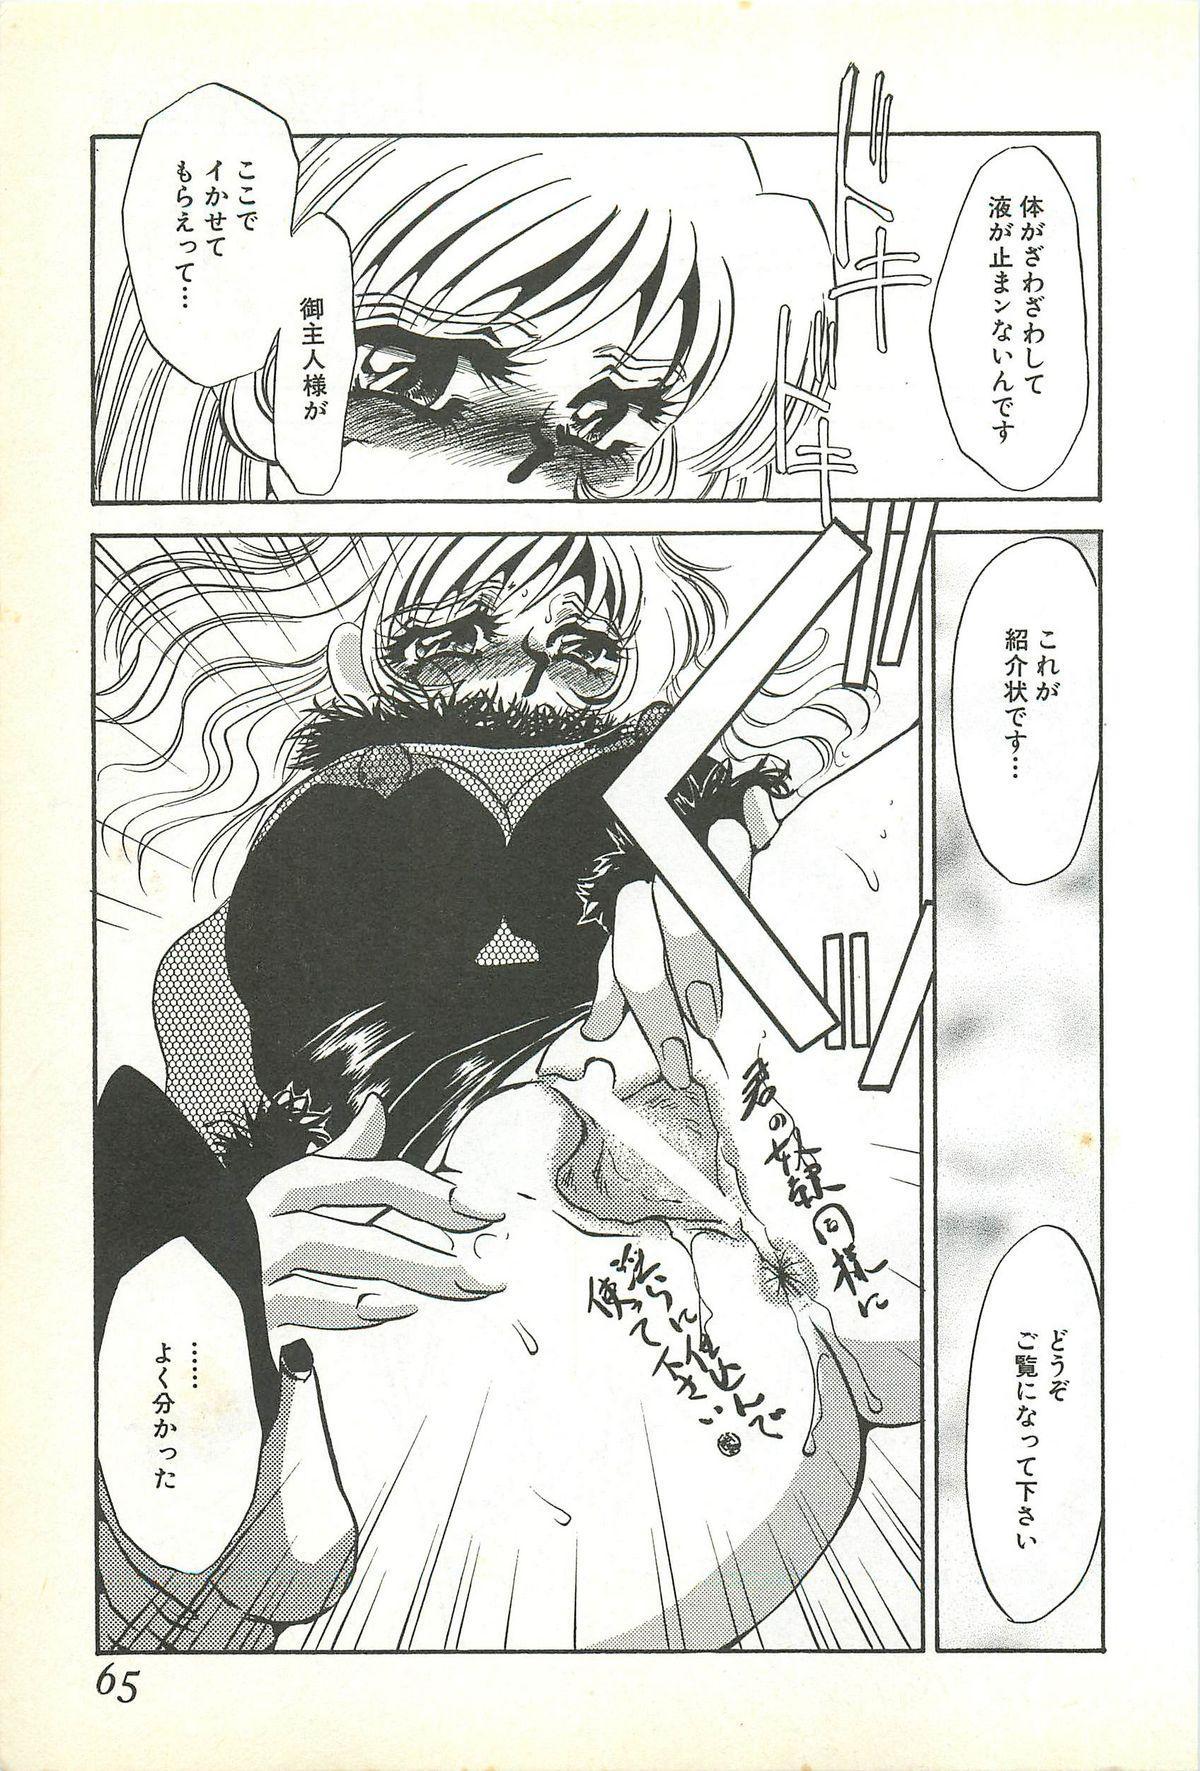 Chigyaku no Heya - A Shameful Punishment Room 61